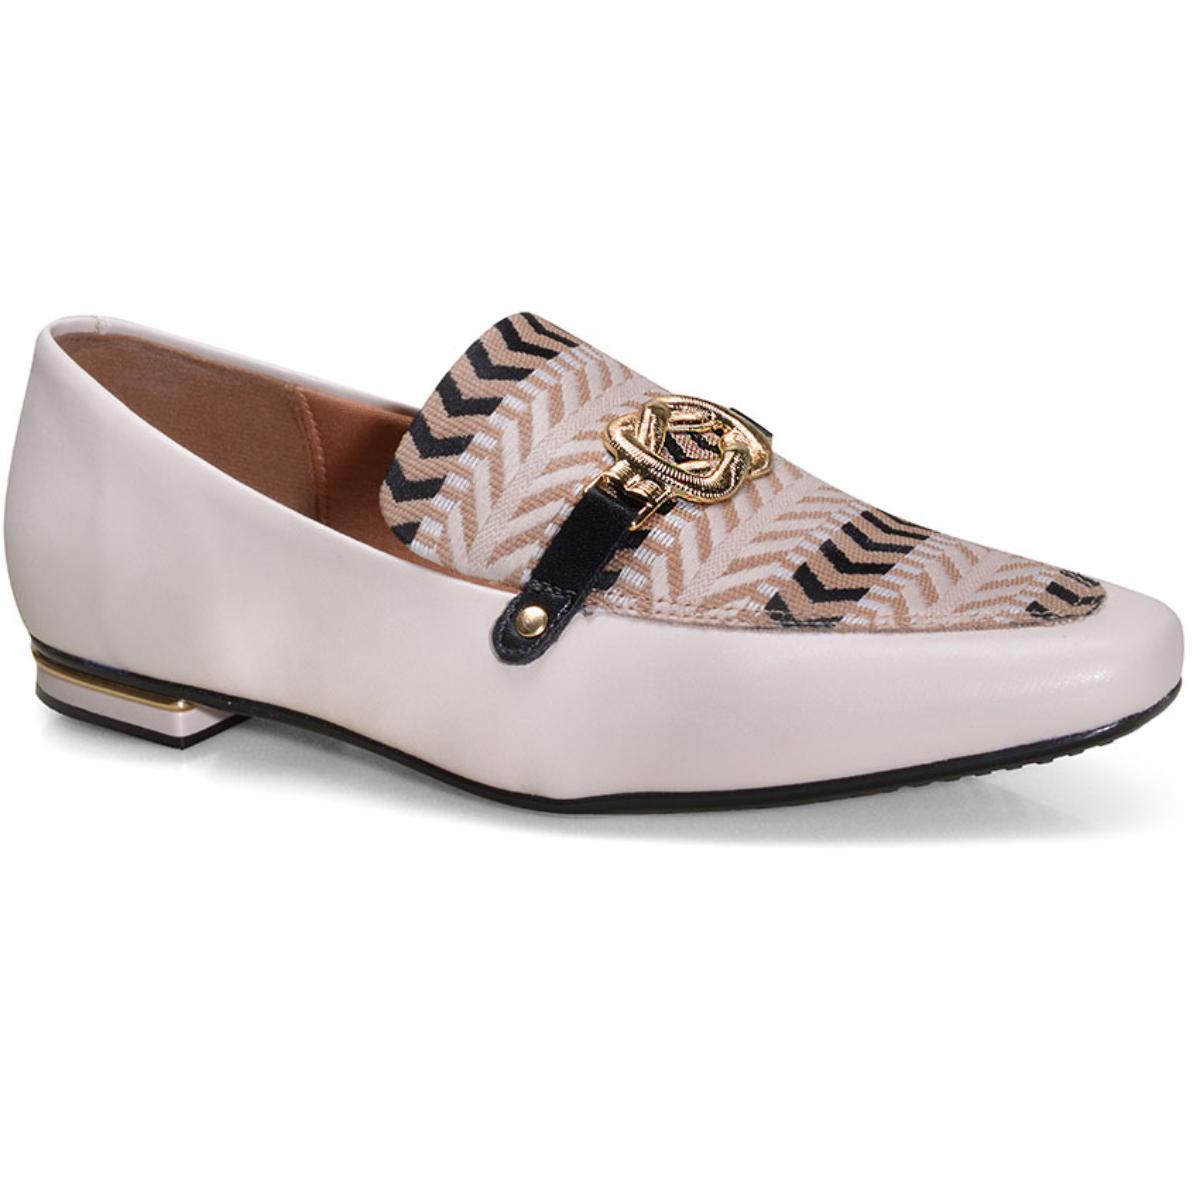 Sapato Feminino Vizzano 1345112 Creme/multi Bege/preto